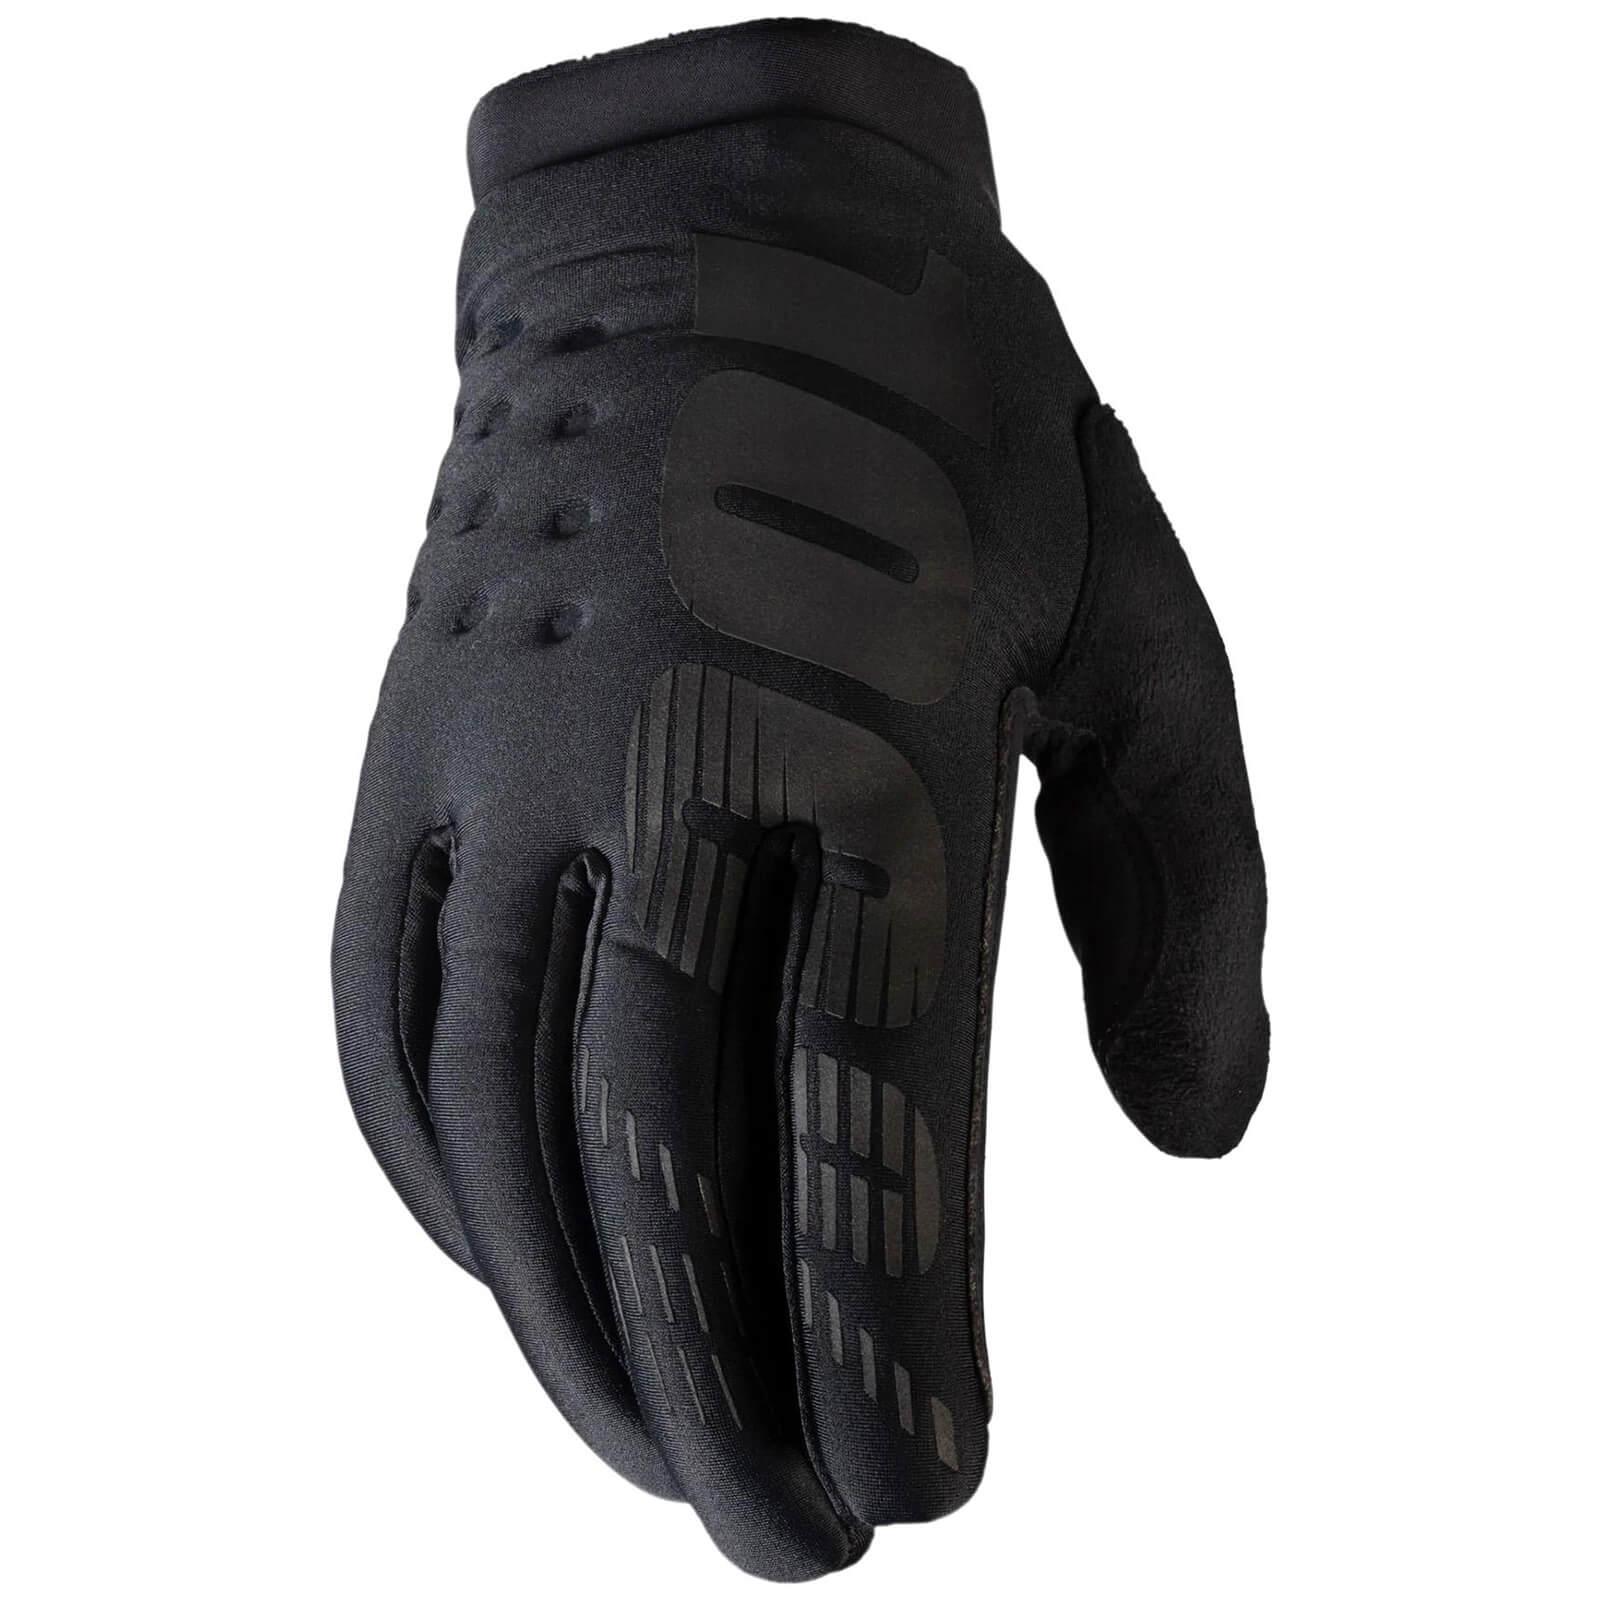 Image of 100% Brisker MTB Gloves - S - Black/Grey